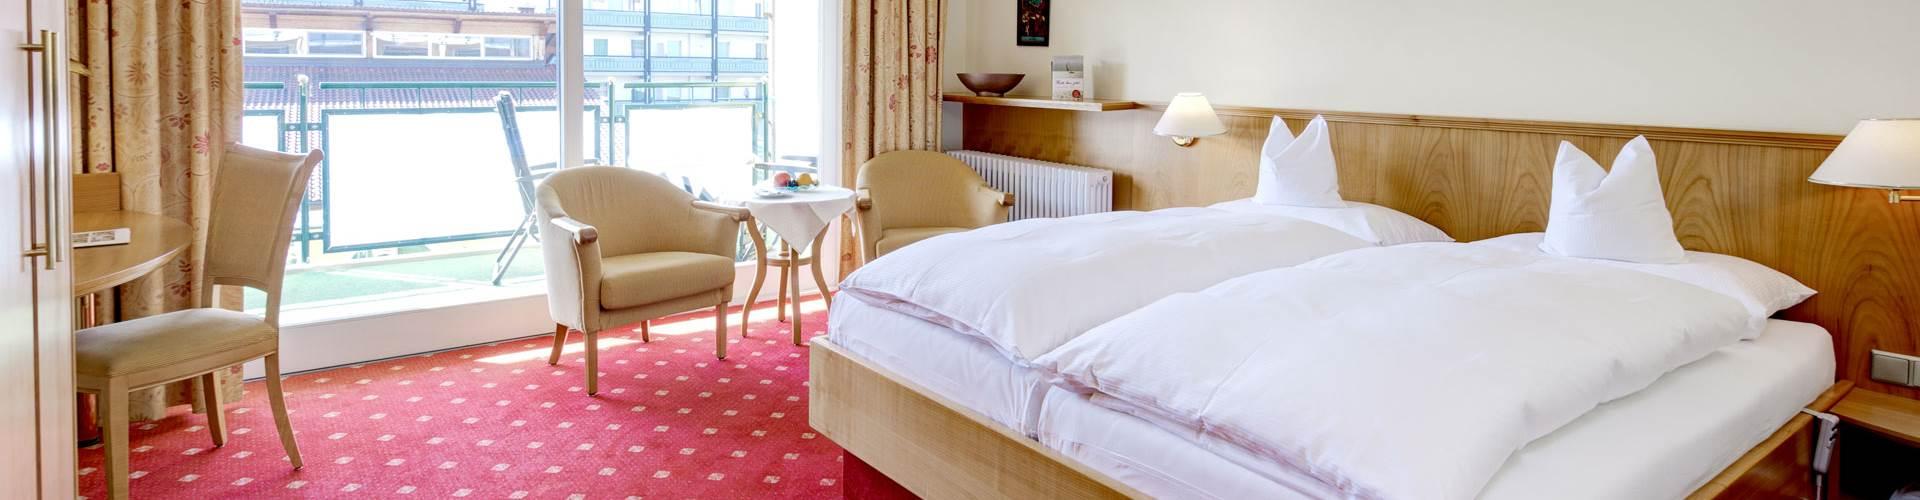 Wohn-Schlaf-Bereich vom Doppelzimmer Therme